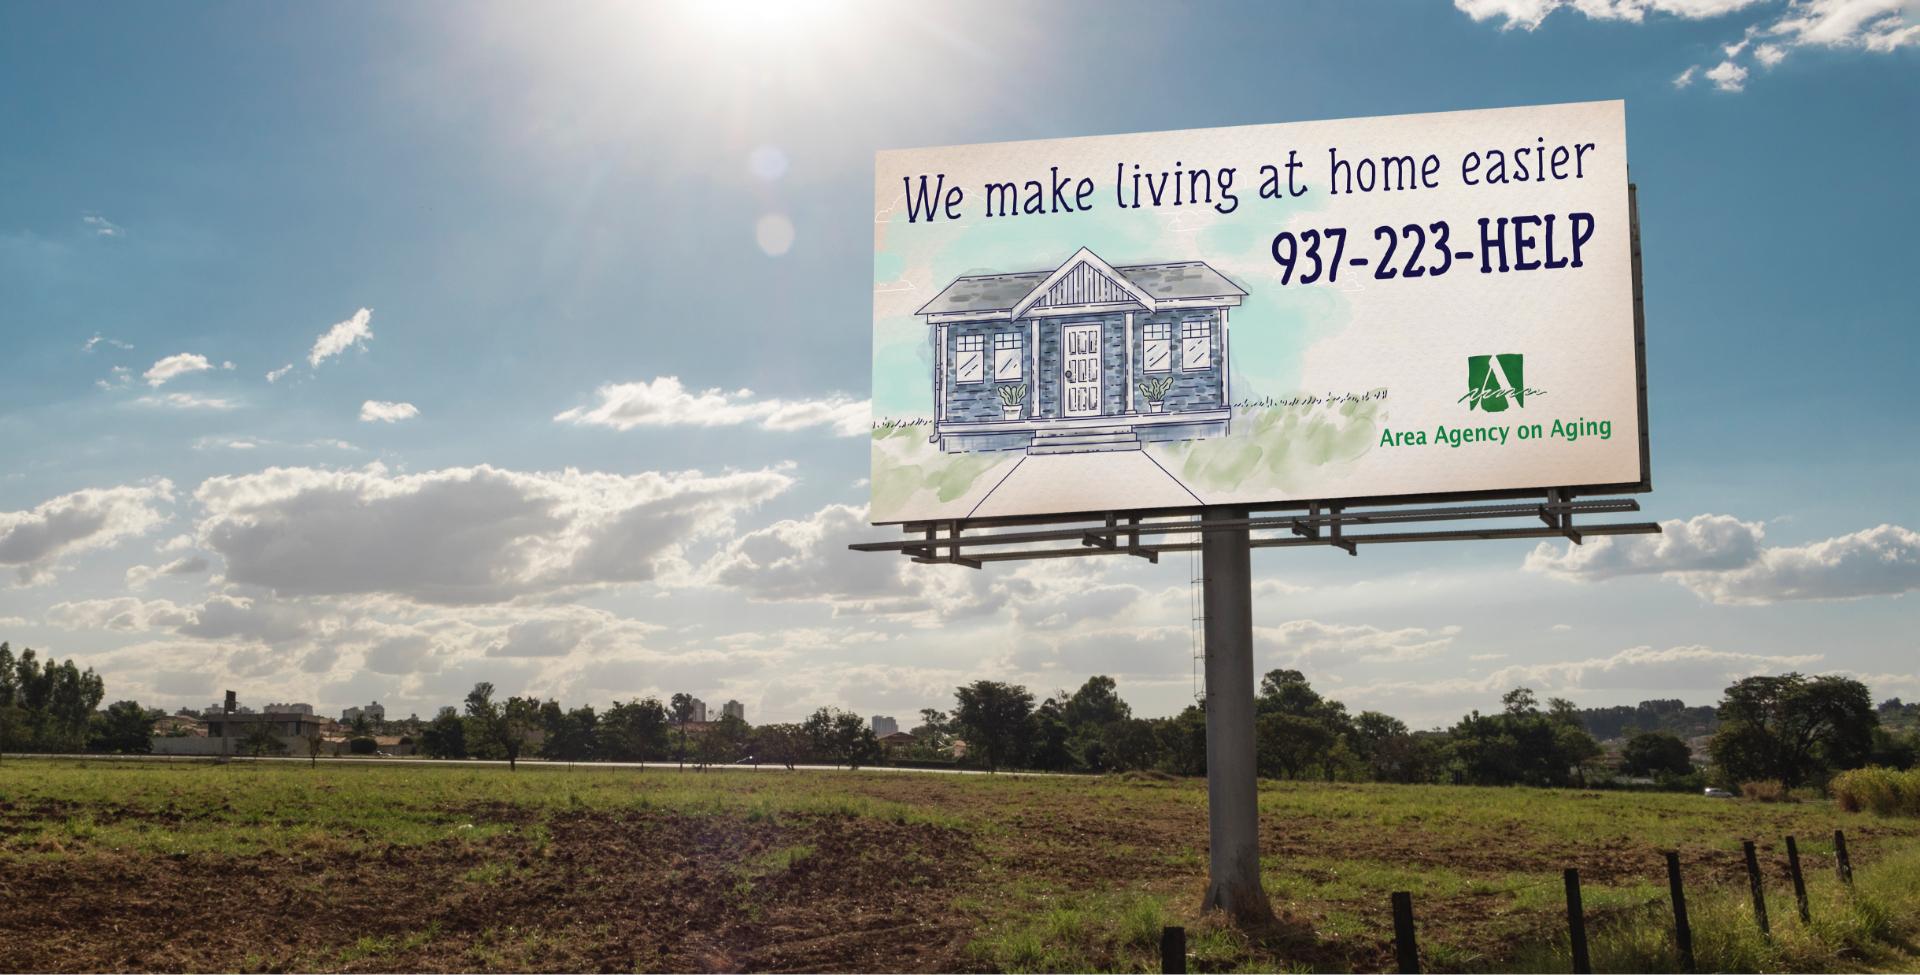 Area Agency on Aging billboard